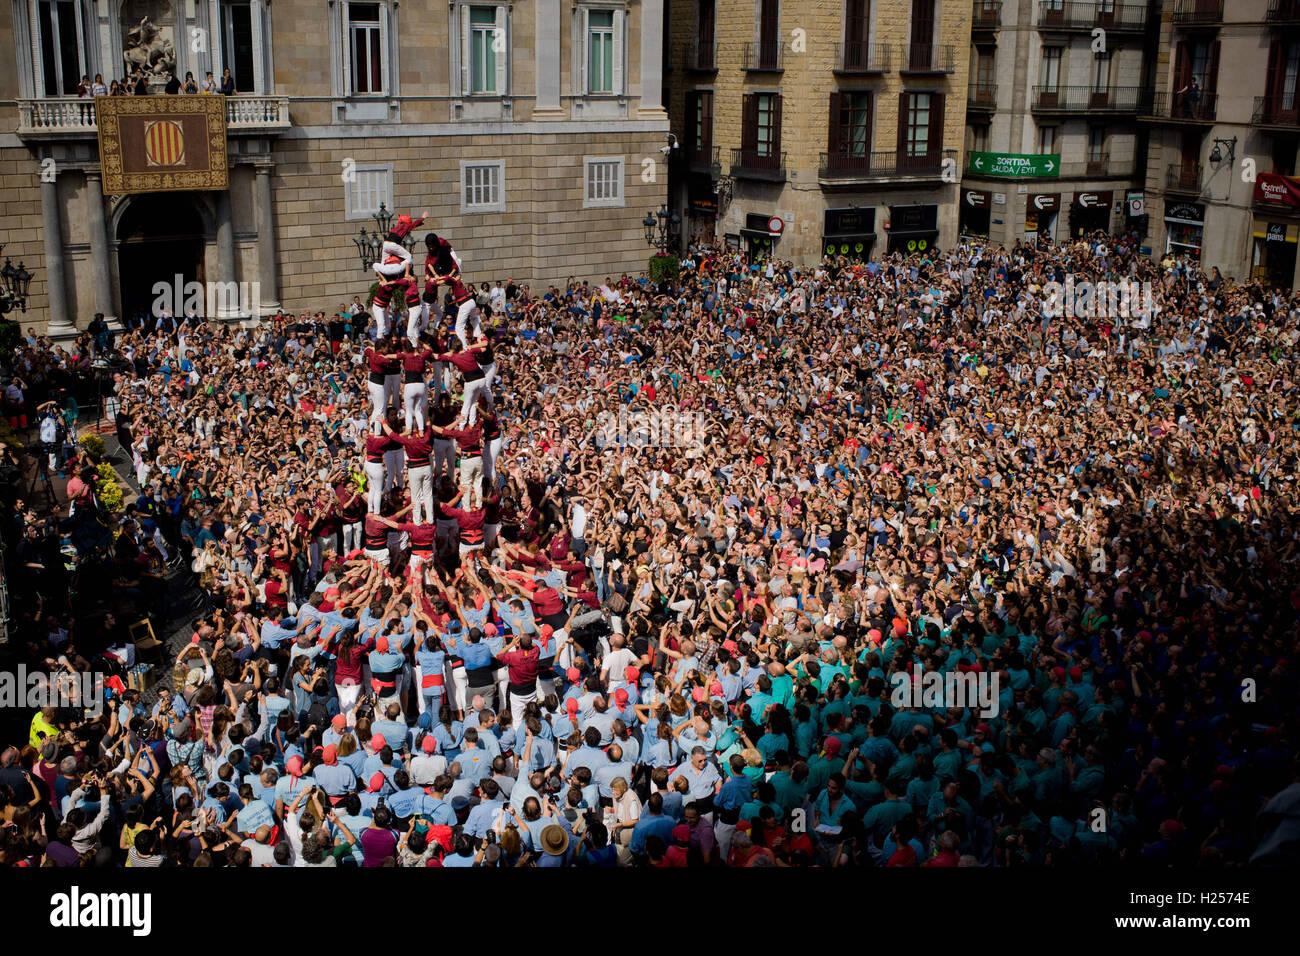 Barcelone, Catalogne, Espagne. Sep 24, 2016. Une tour humaine (castell en catalan) est construit à Barcelone. Pour la Merce Festival (Festes de la Merce) a eu lieu la traditionnelle Jornada Castellera (tours humaines jour) dans la place de la mairie de Barcelone. Crédit: Jordi Boixareu/ZUMA/Alamy Fil Live News Banque D'Images